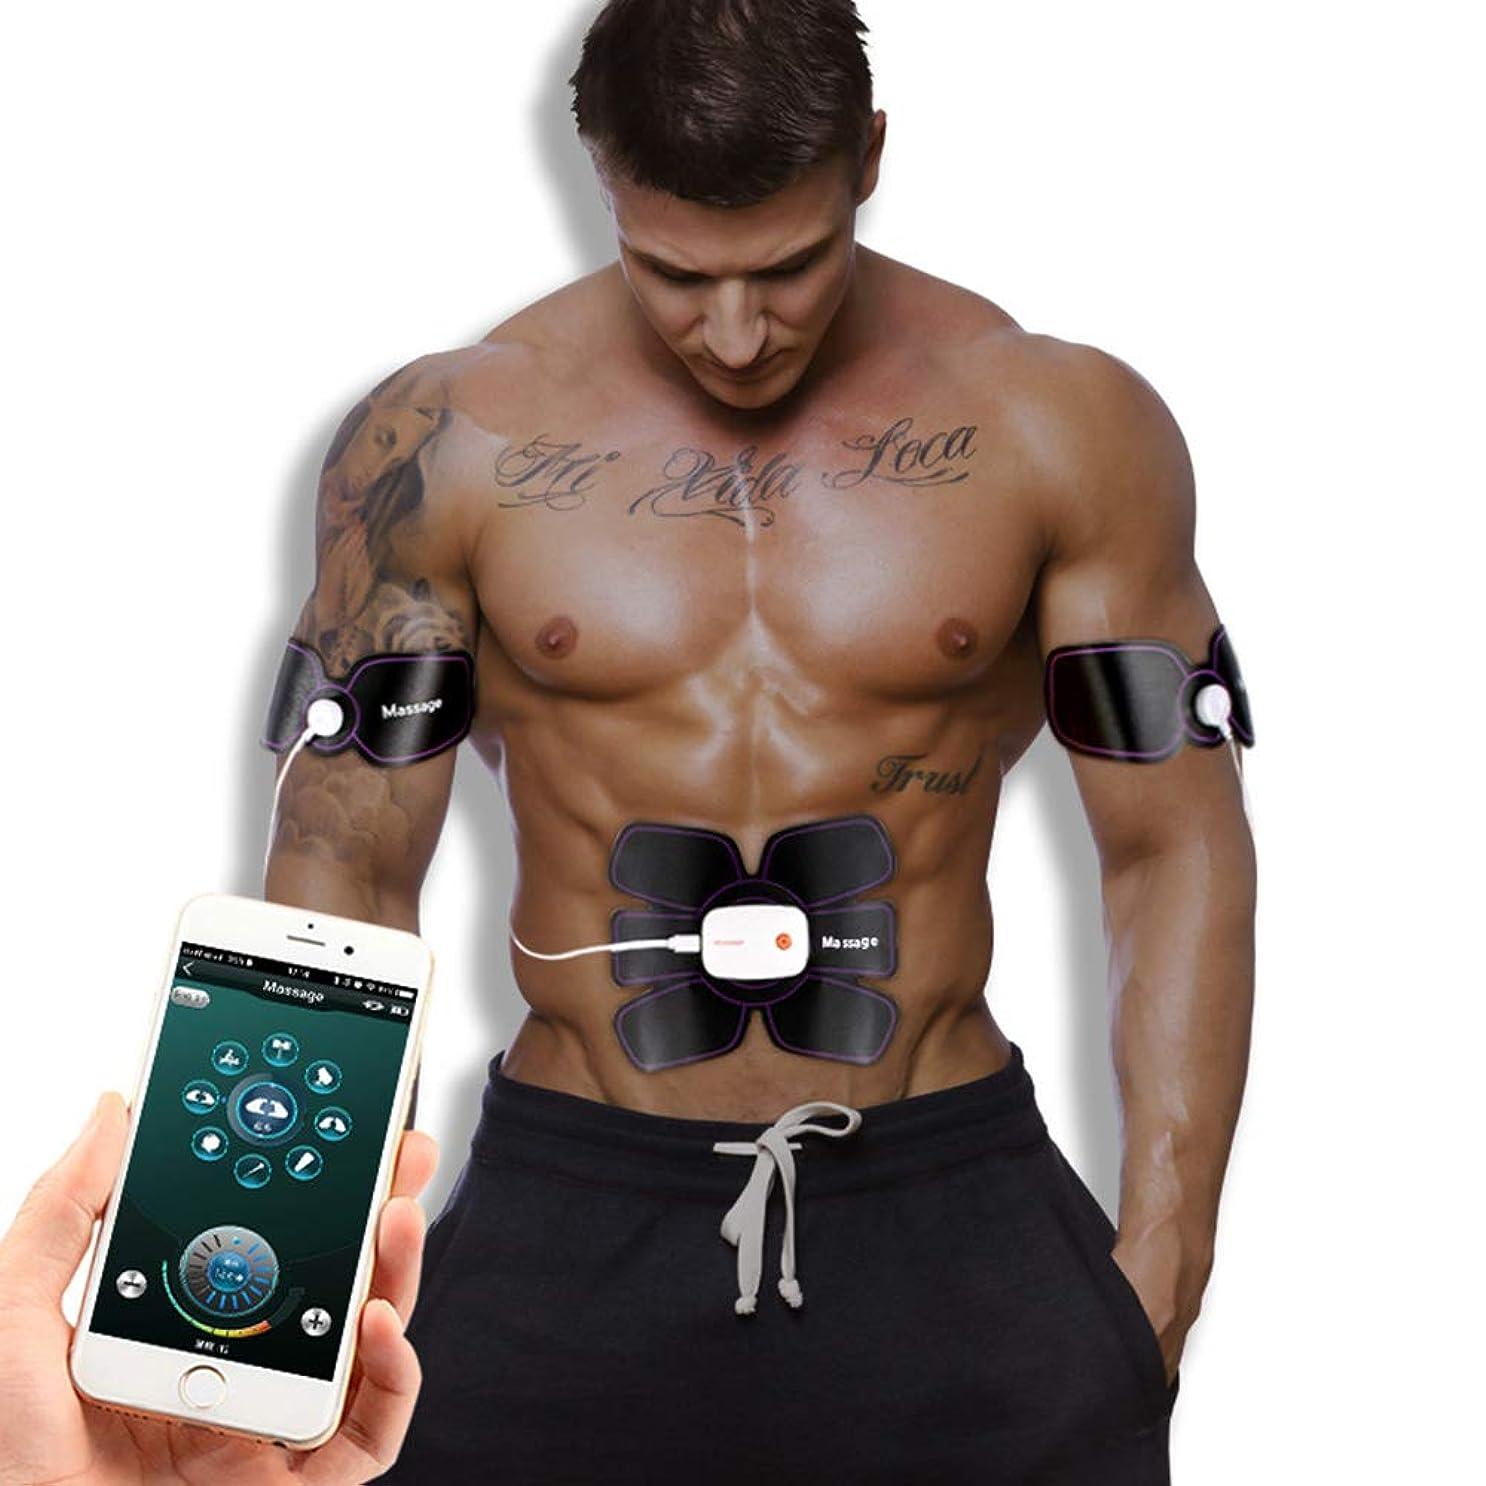 うん共感するプロットスマートフォンブルートゥースAPP腹部ステッカーEMS筋肉刺激装置USB電気体重減少運動フィットネスマッサージャーユニセックスに適用IOSとAndroidシステム